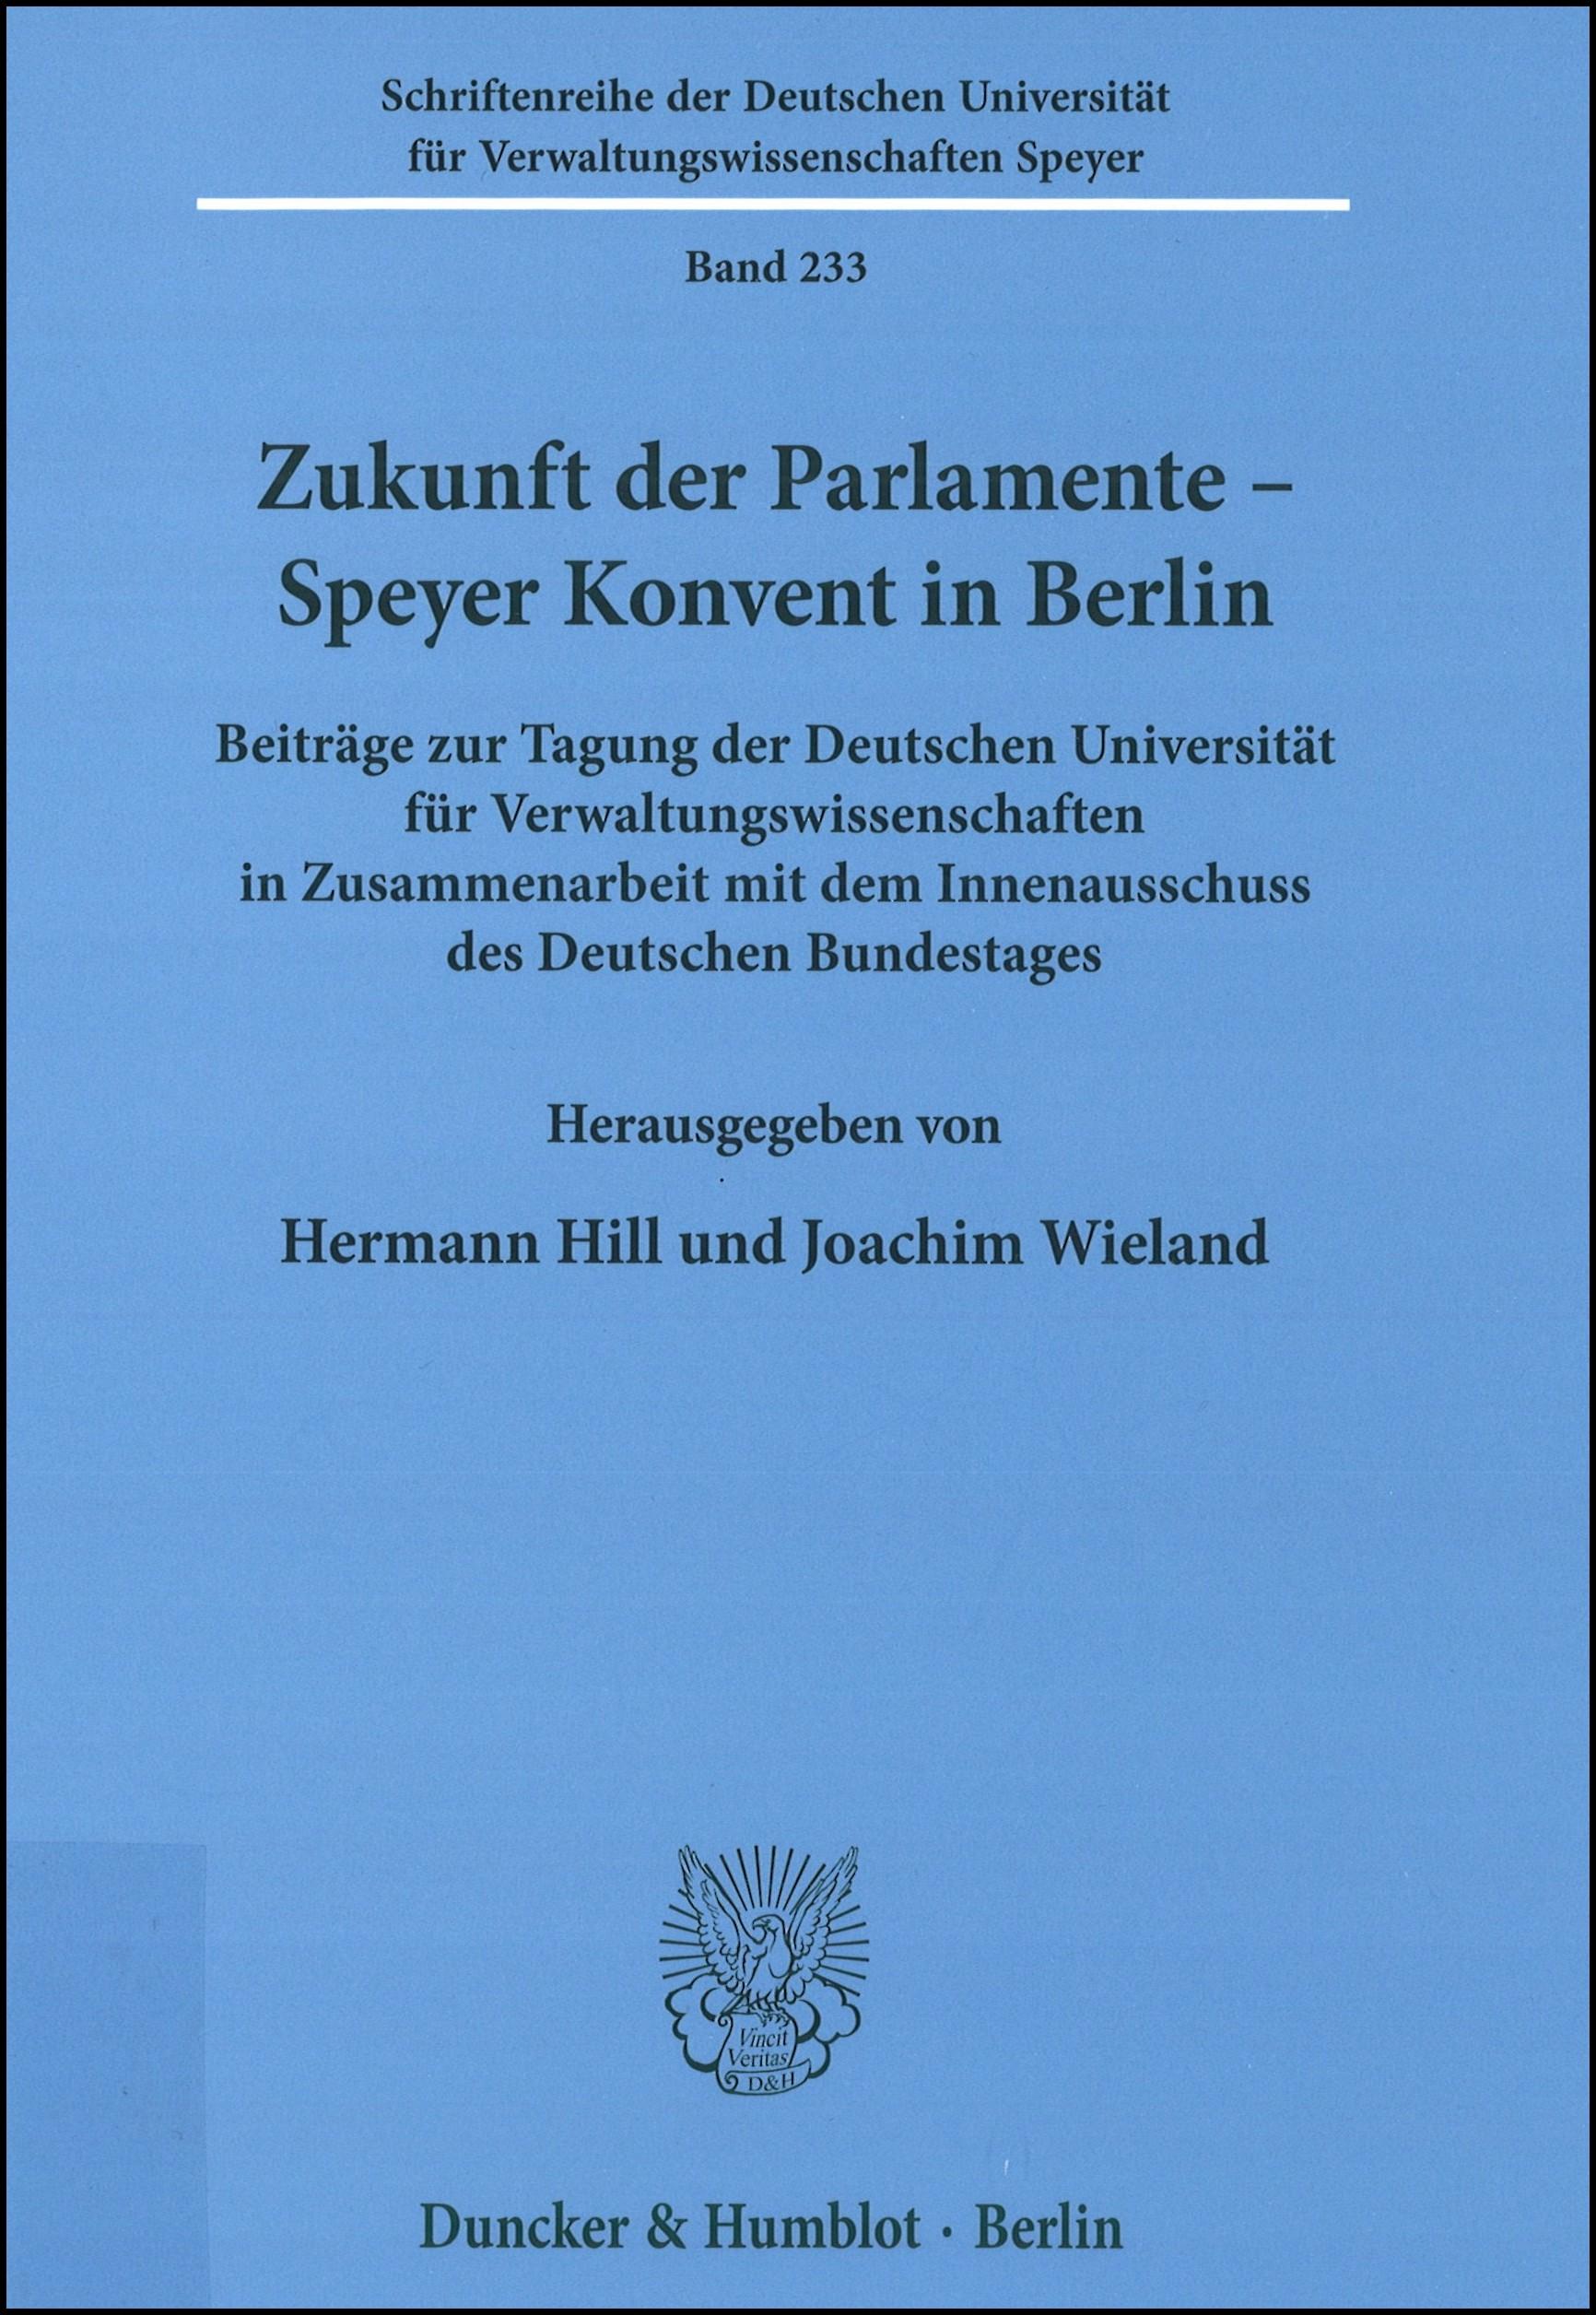 Zukunft der Parlamente